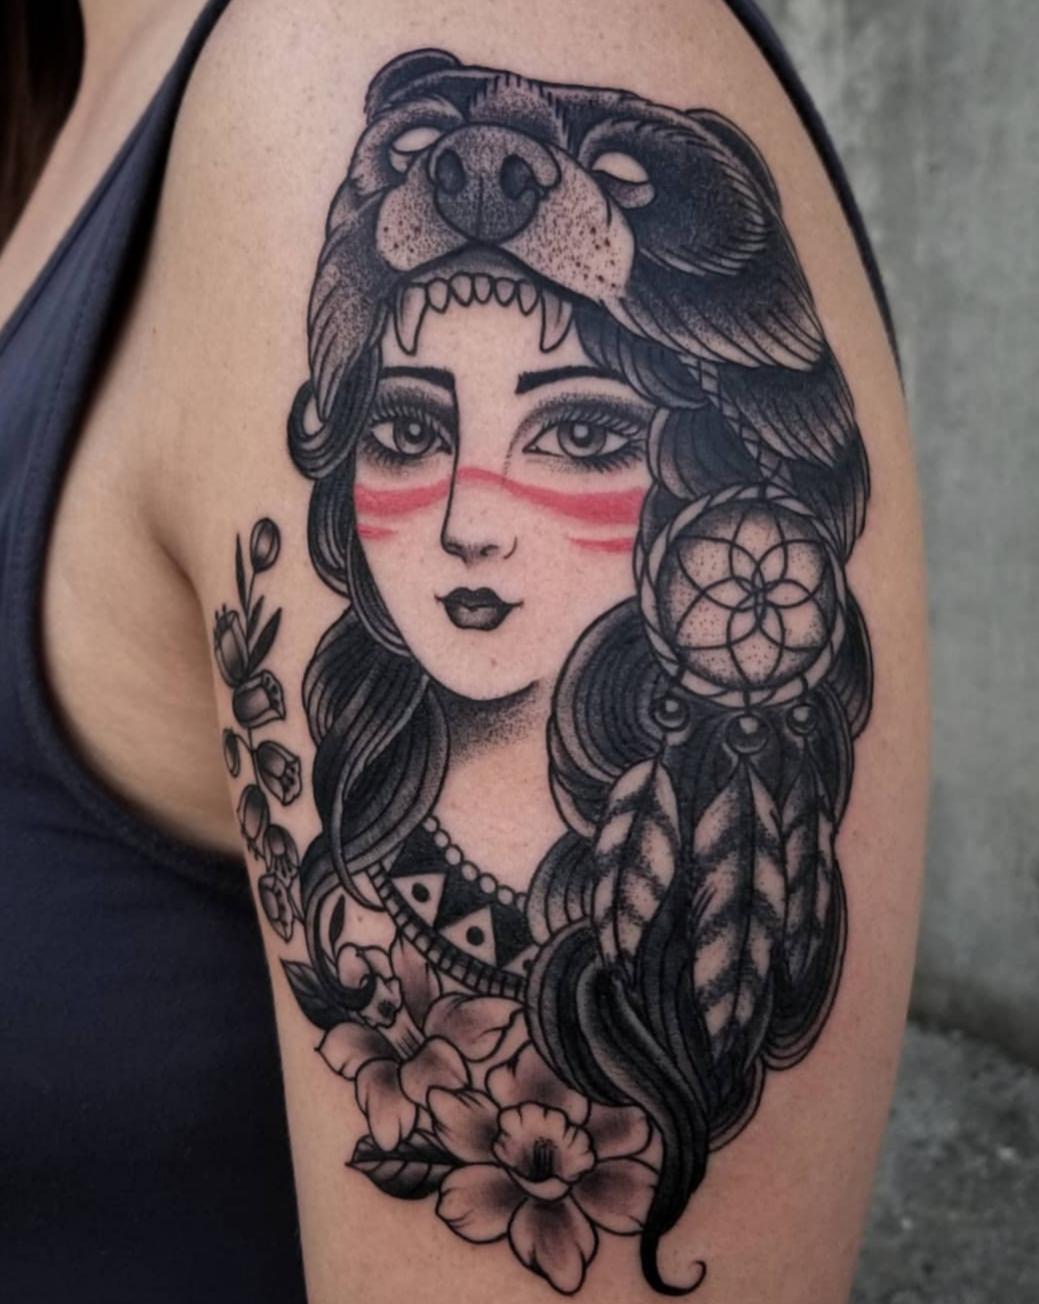 Fabiana Philpott Tattoo 2019 Okanagan Tattoo Show & Brewfest Artist